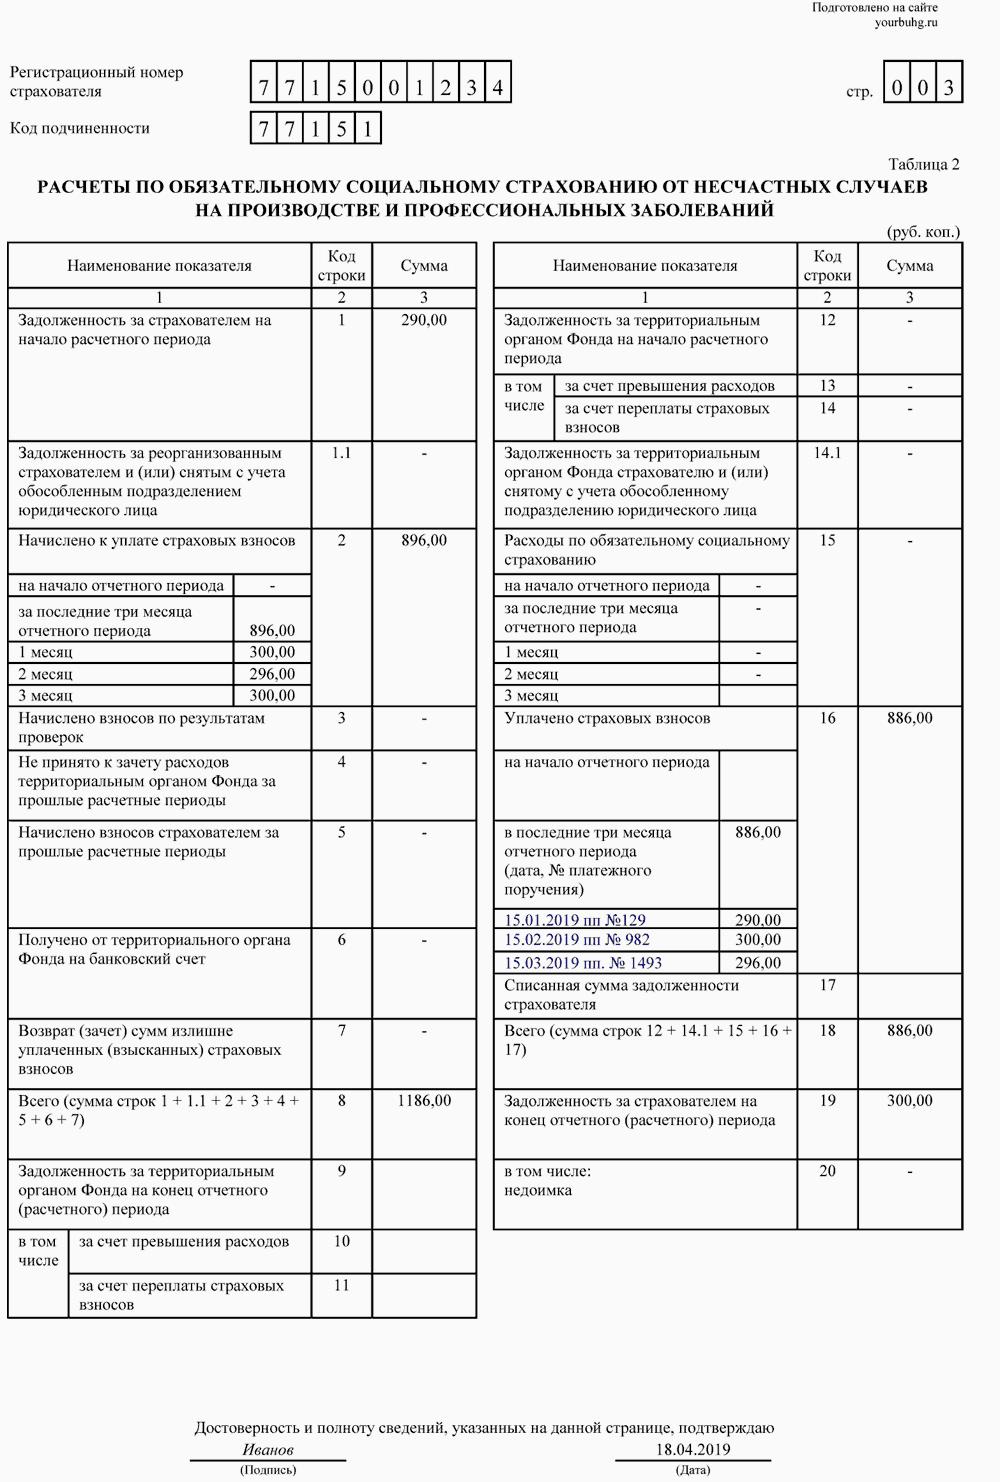 Пример заполнения формы 4 фсс лист 3